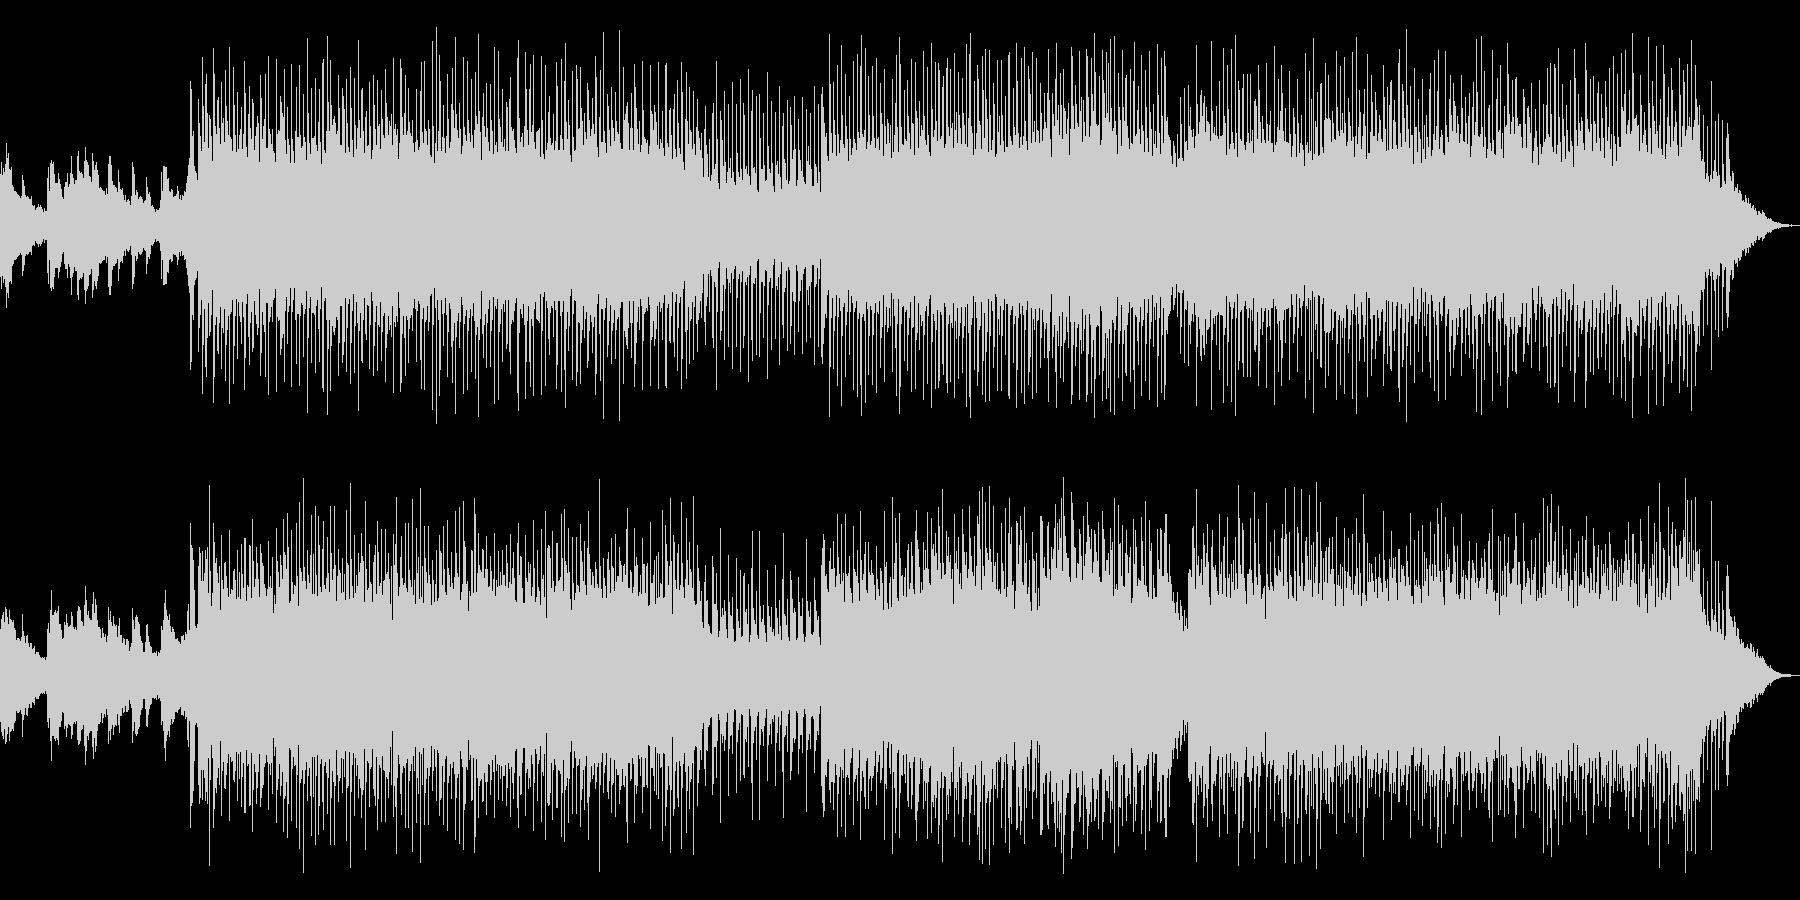 モダン和風EDM/ReMIX/中尺の未再生の波形